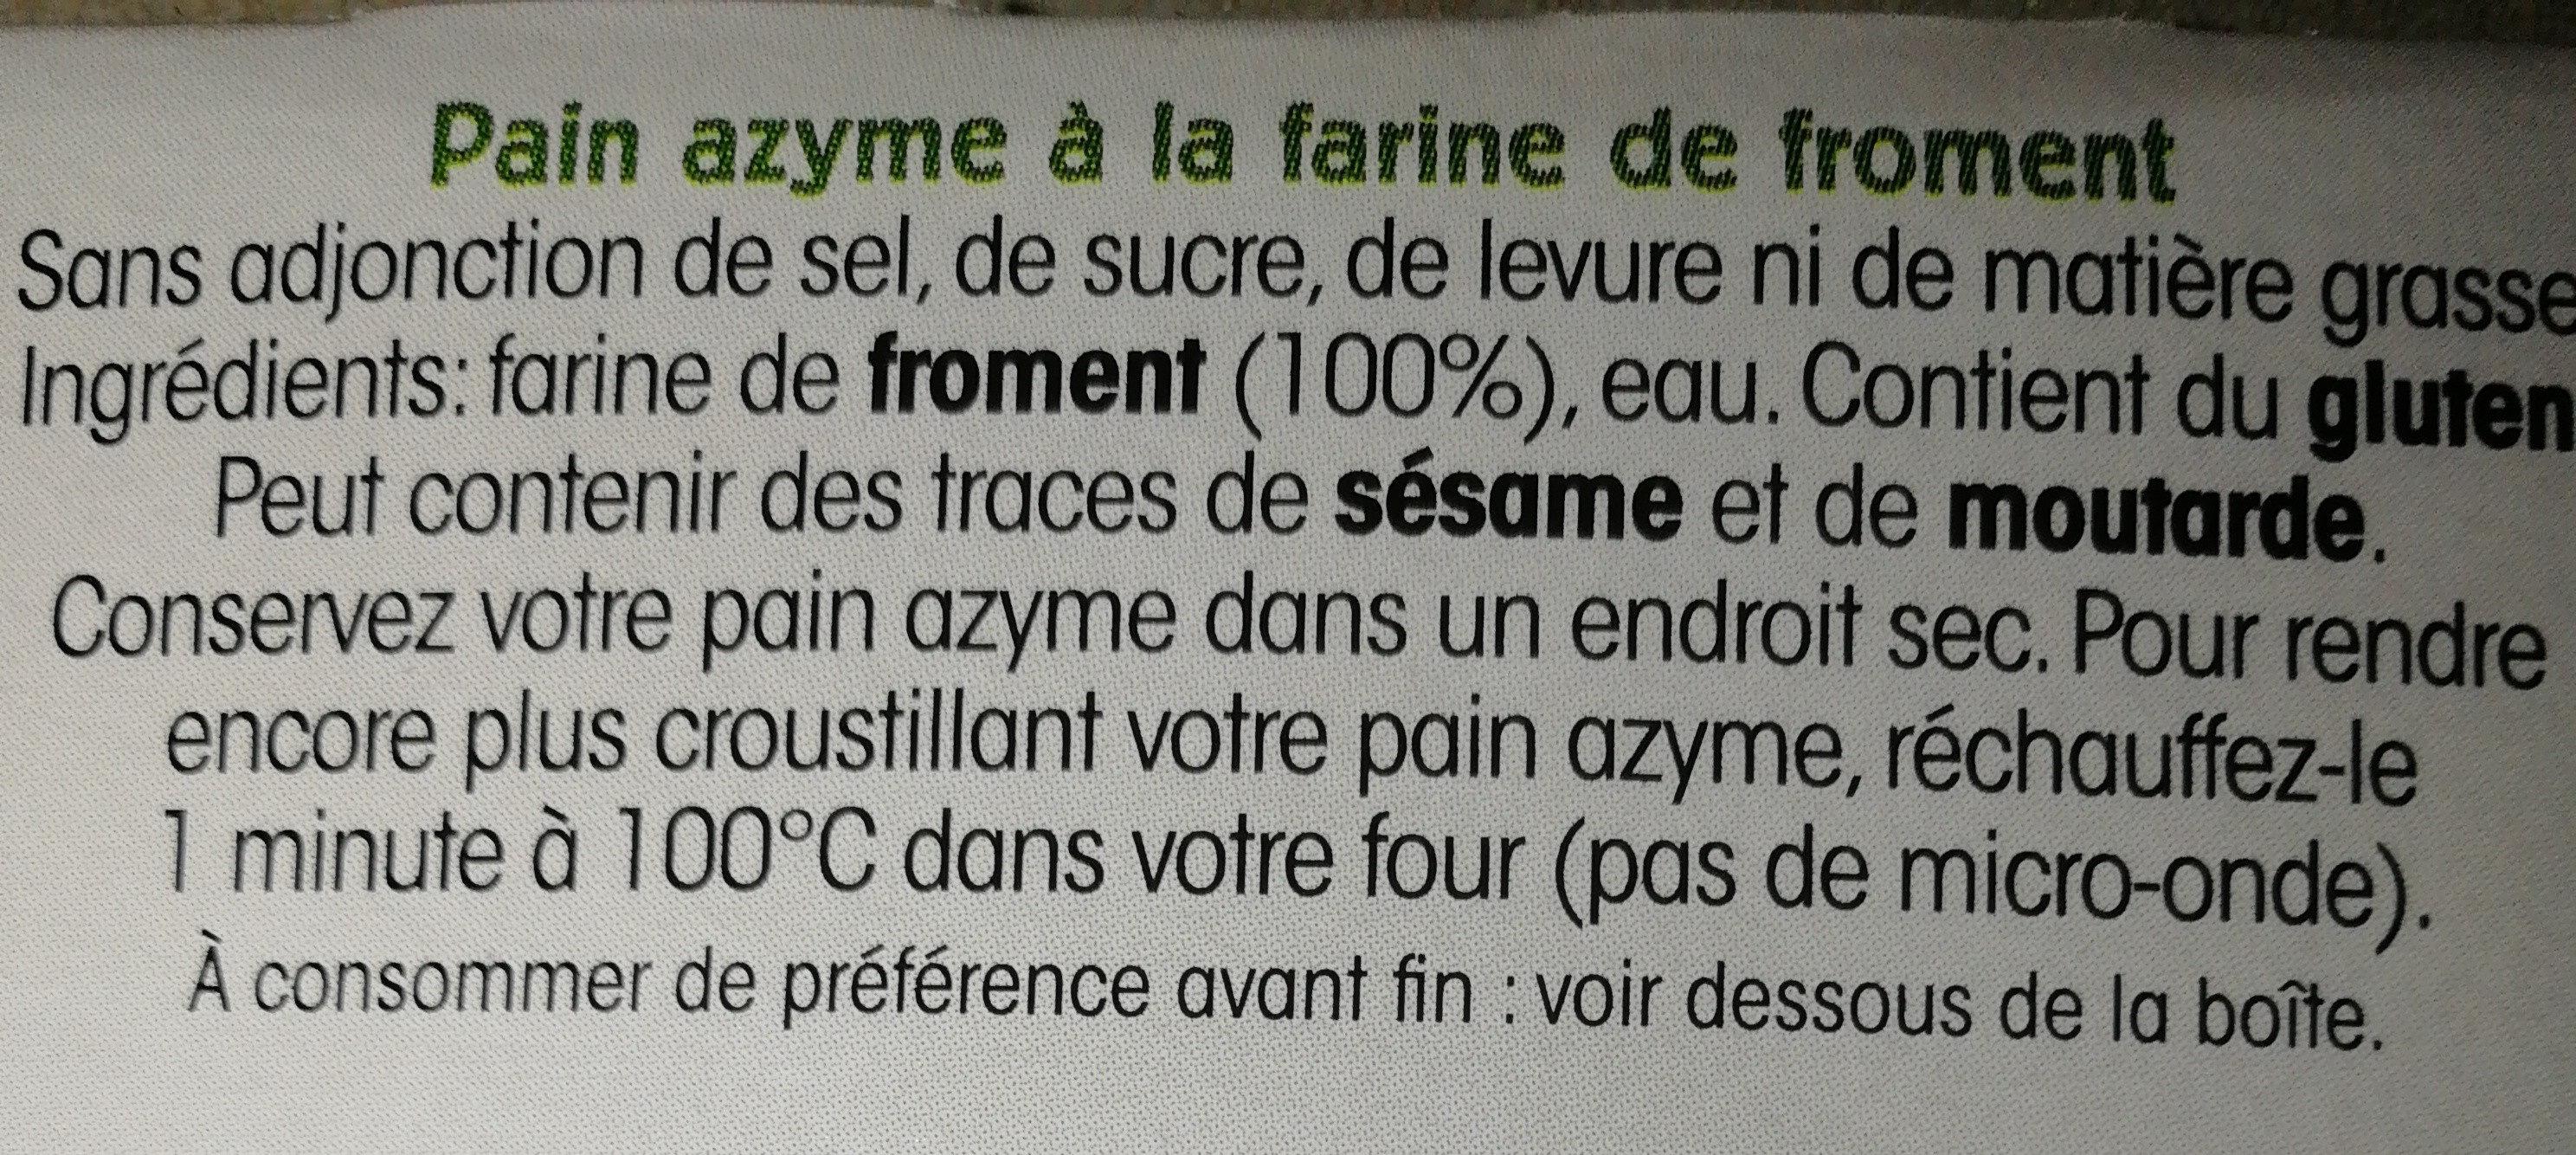 Pain Azyme Froment Paul Heumann - Ingrédients